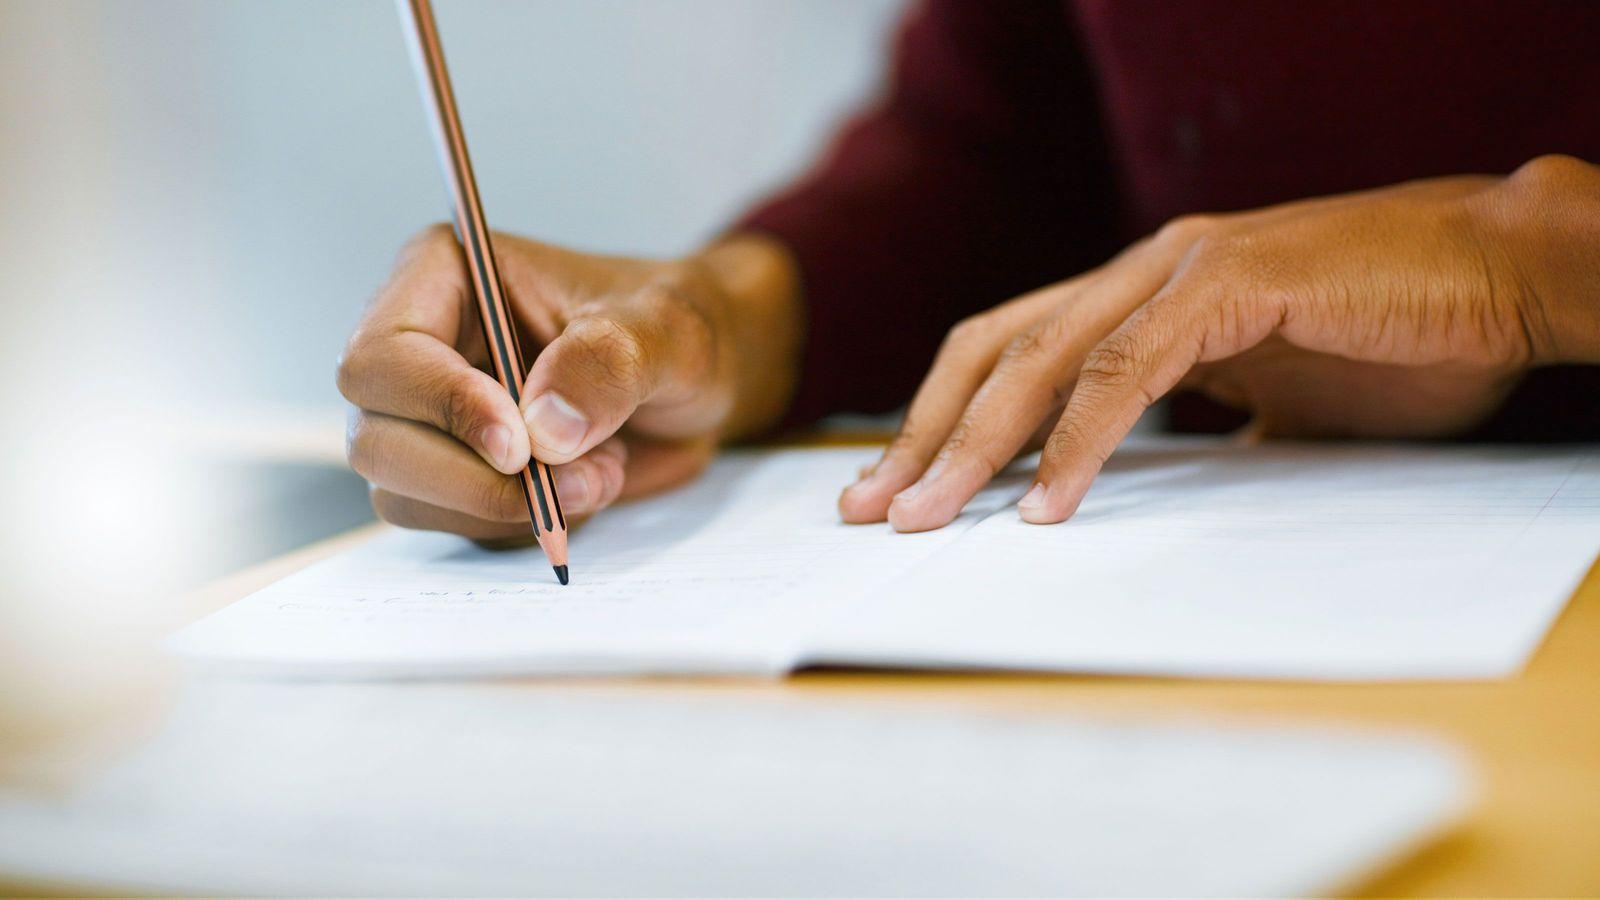 65歳で司法試験合格「丸暗記の勉強法はダメ」 インプットよりアウトプットが重要